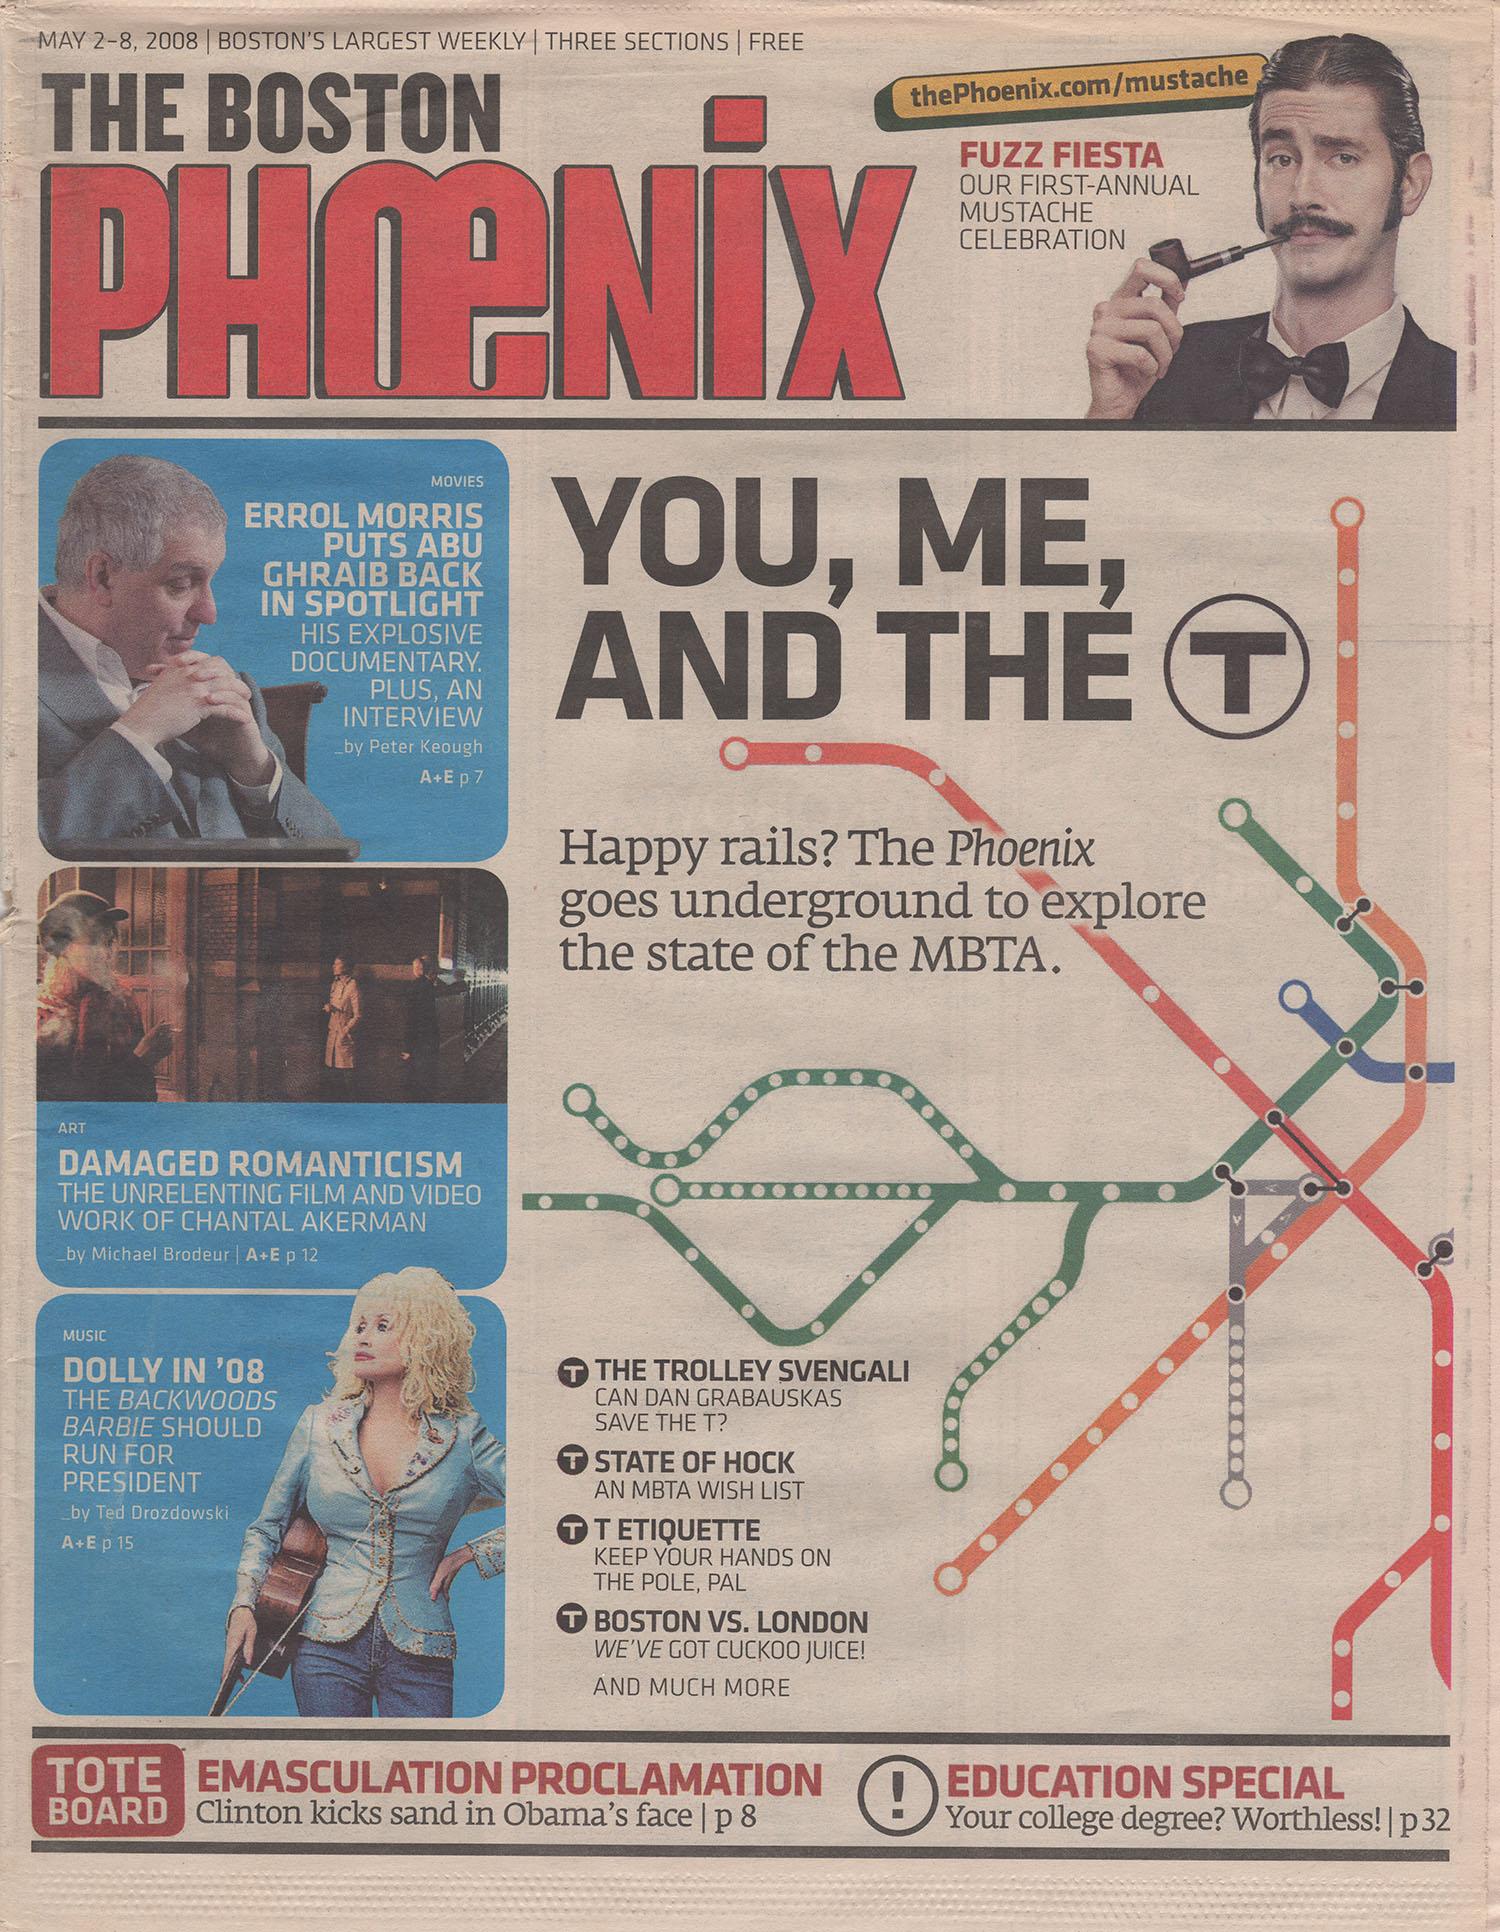 The Boston Phoenix